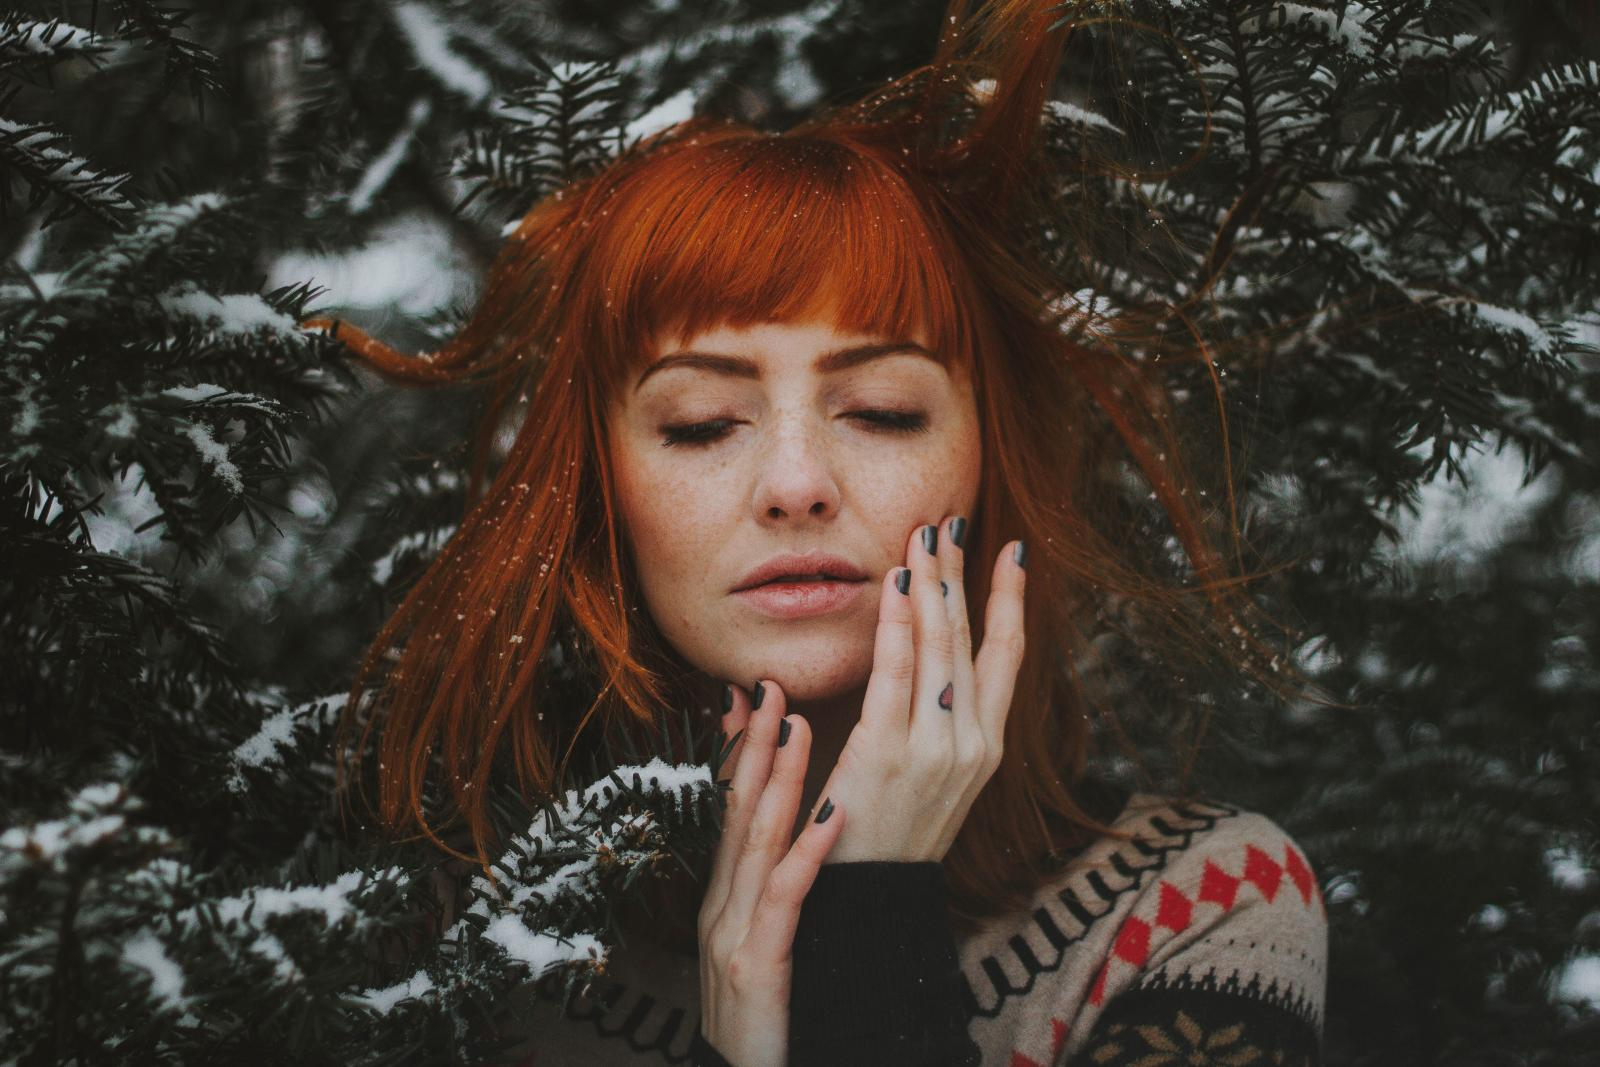 Opsesivno-kompulzivni poremećaj dovodi do anksioznosti i tjeskobe.